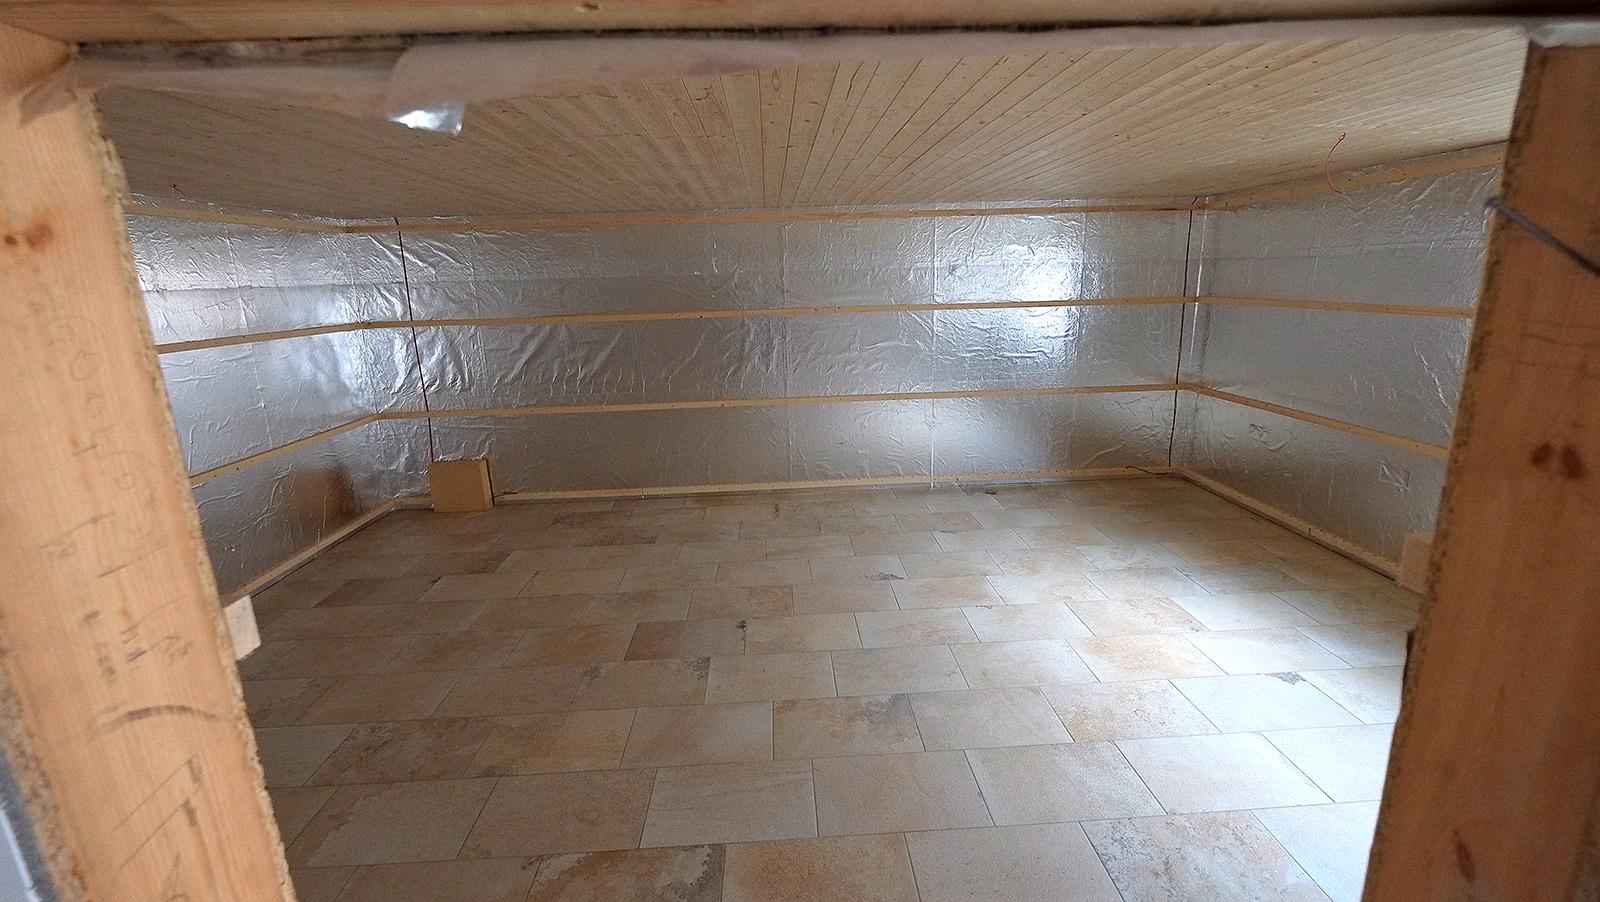 Sauna Fußboden Dämmen ~ Sauna fußboden dämmen gartensauna saunahaus sauna m m in